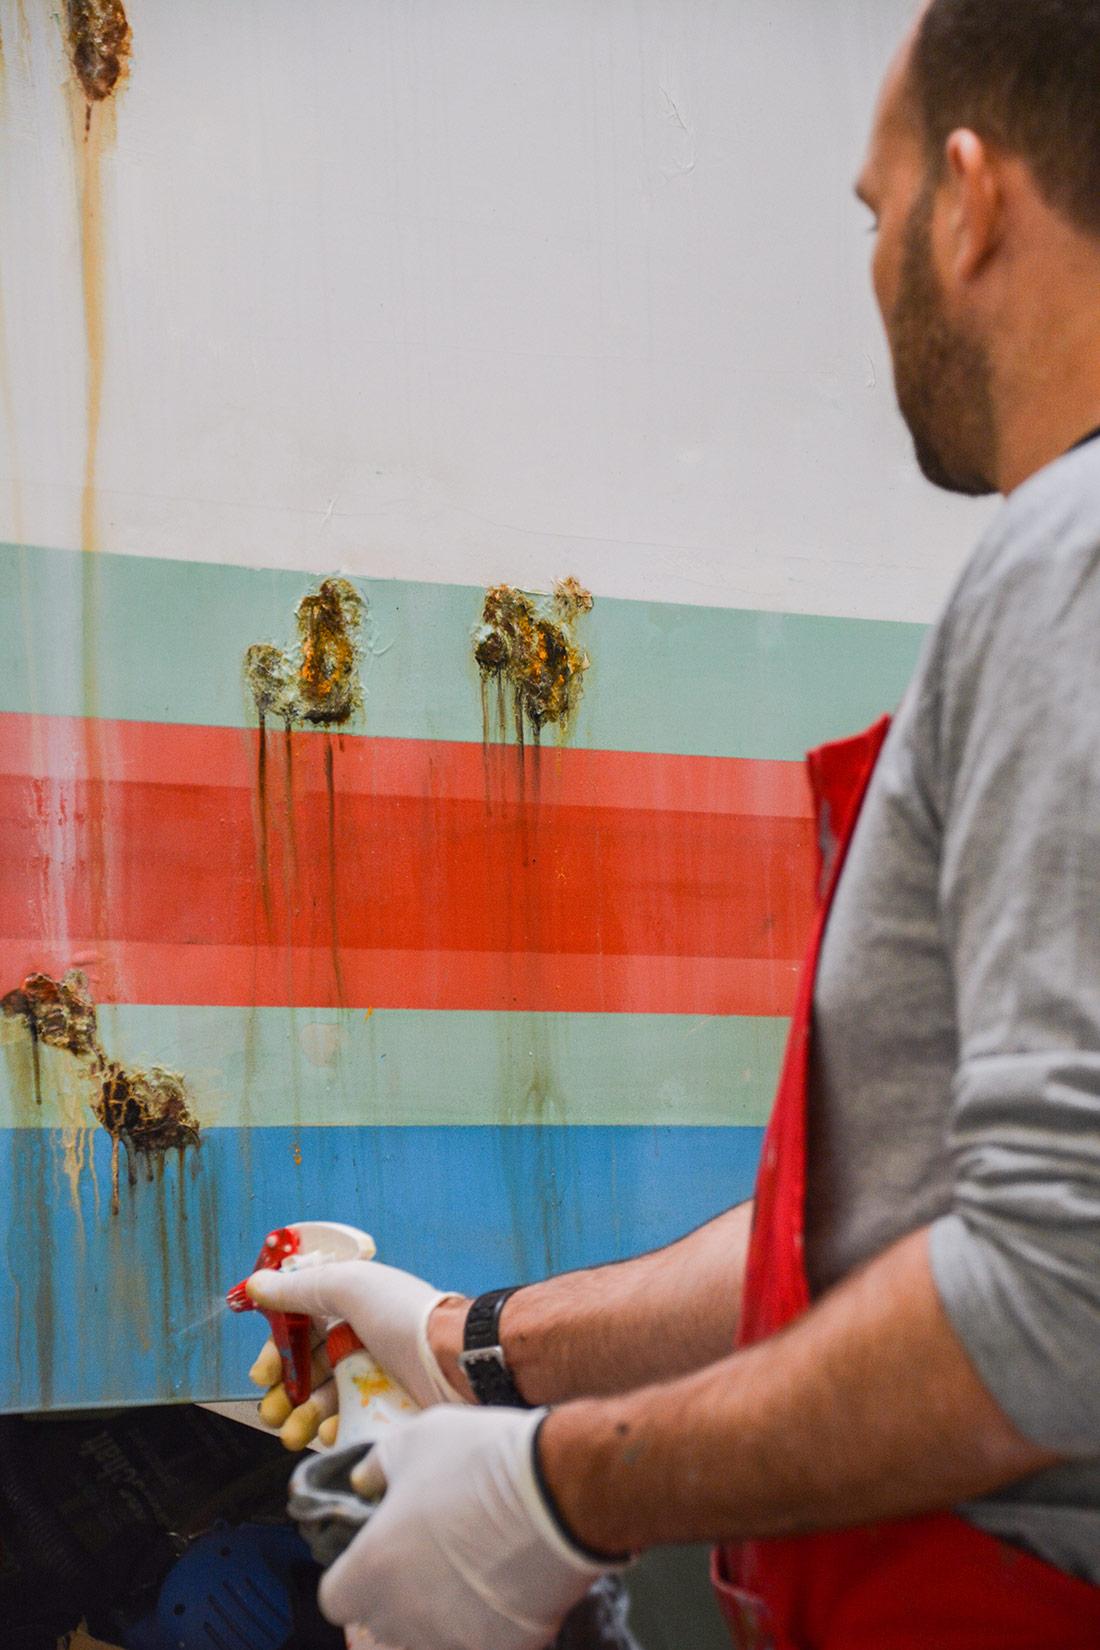 Betonwand wird mit Schmutz-Elementen besprueht: Dreck der an der Mauer herunterlaueft